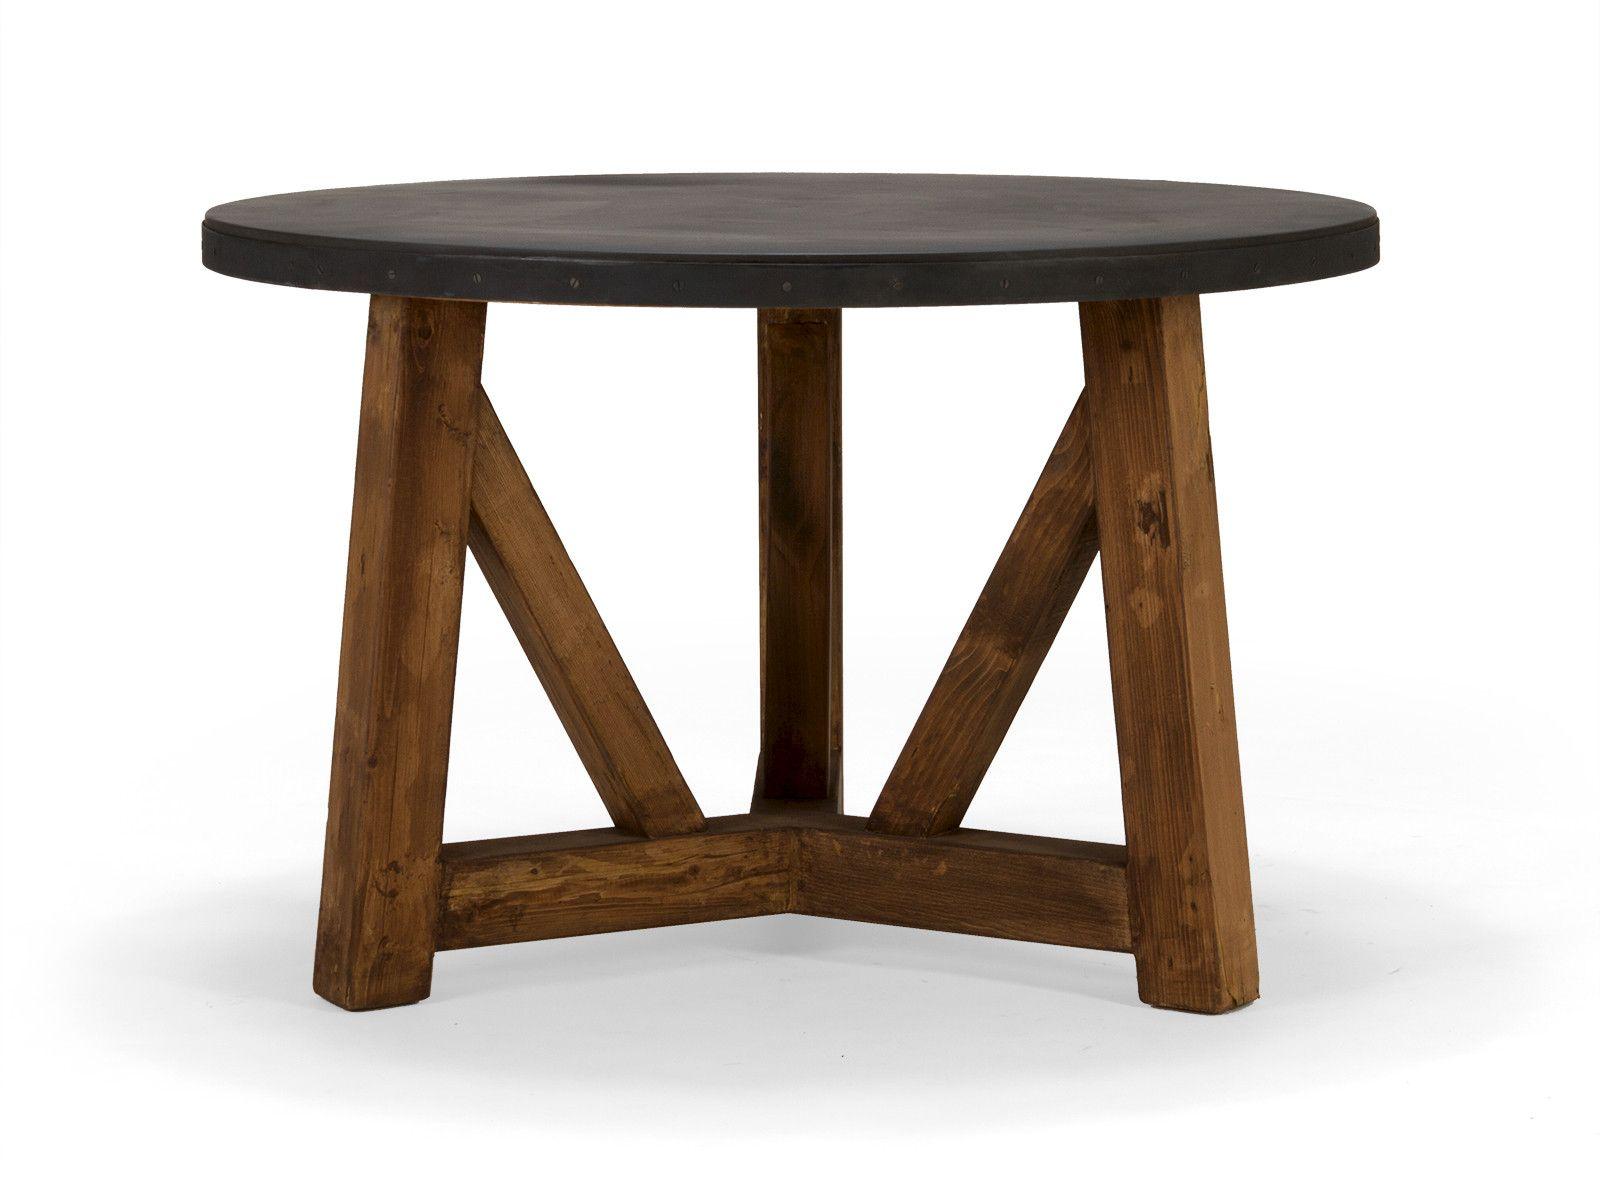 massivholz esstisch rund aus pinie pinie esstische und esstisch industrial. Black Bedroom Furniture Sets. Home Design Ideas